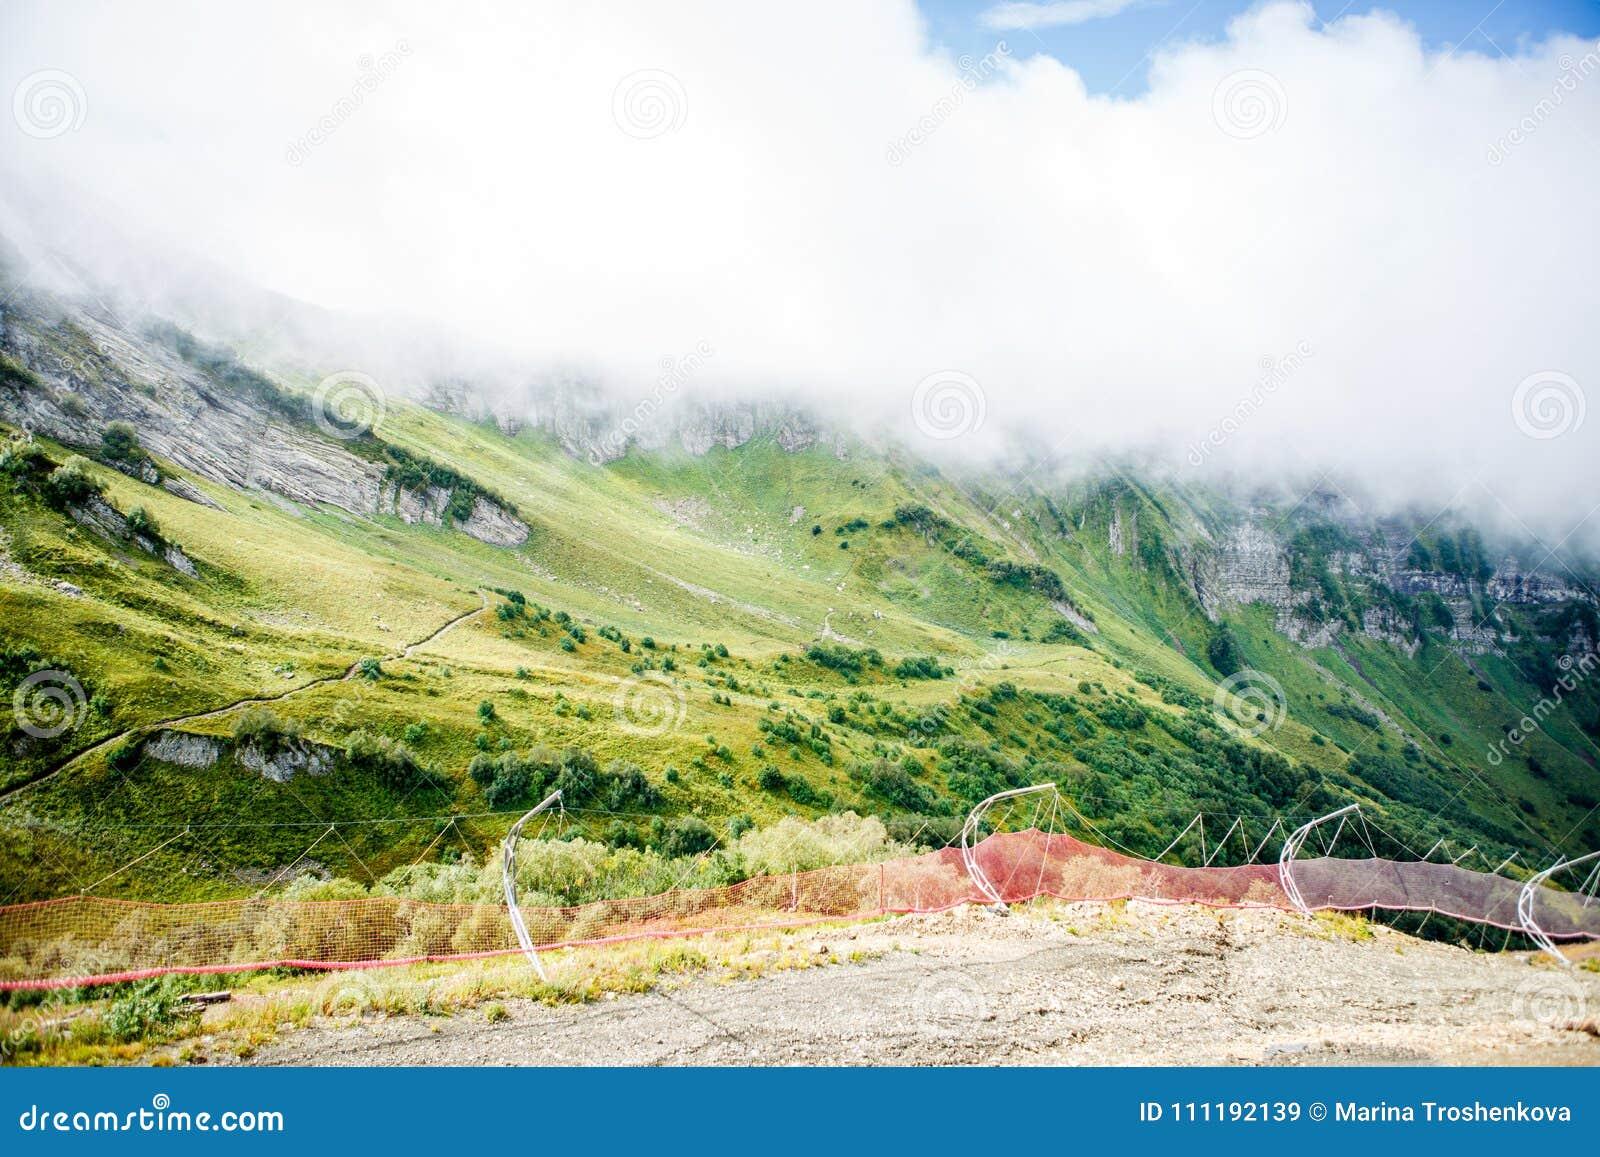 Foto do terreno montanhoso enevoado